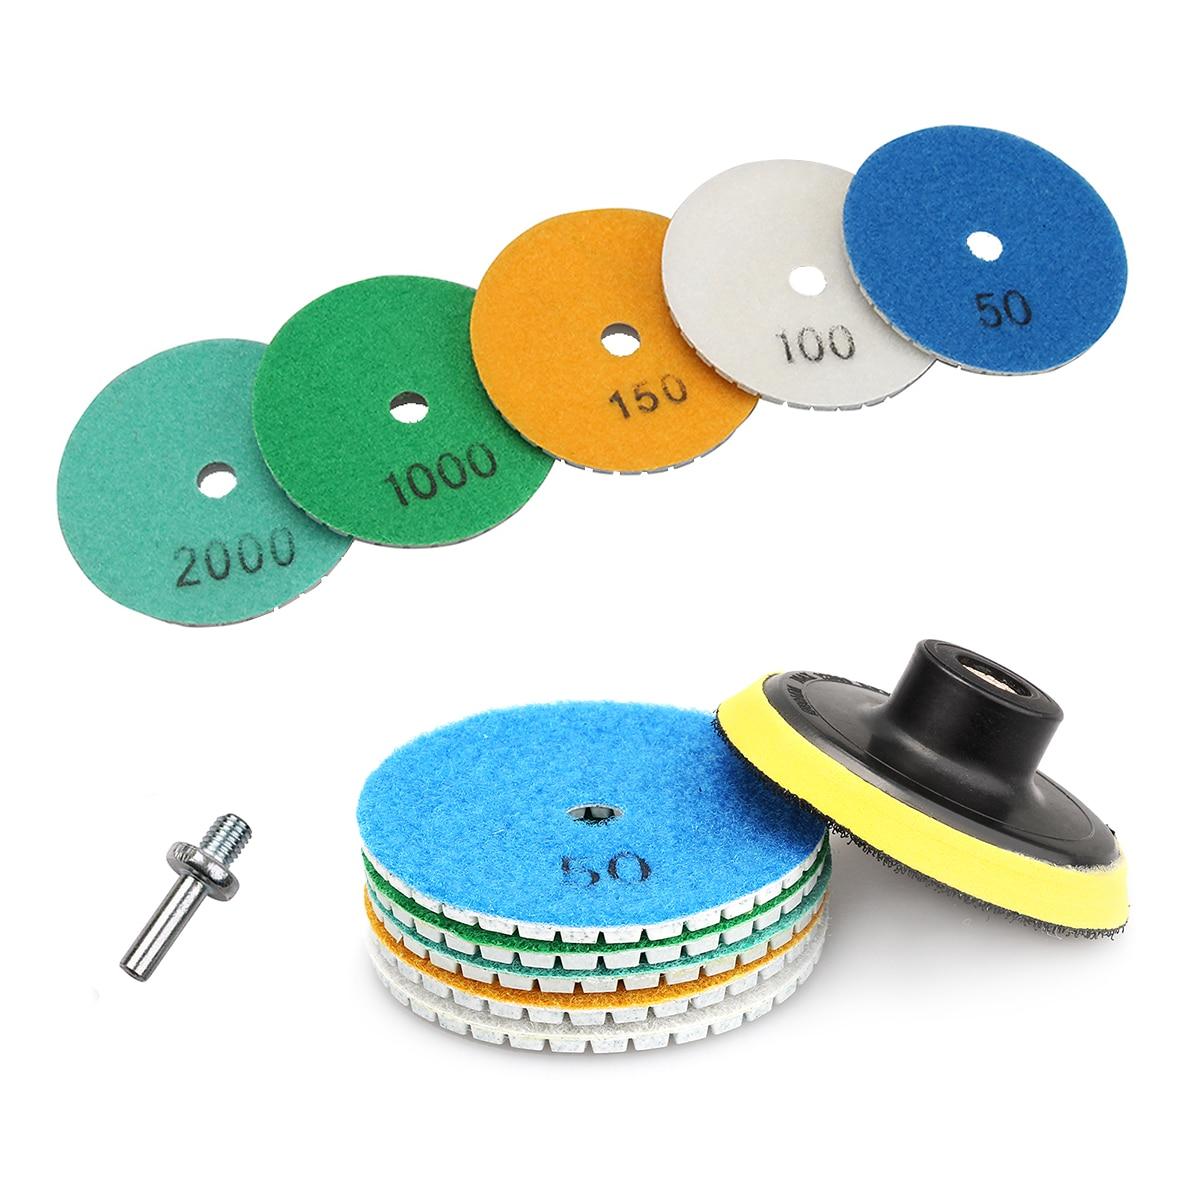 Диски с алмазным напылением, 3 дюйма, 80 мм, для влажной полировки камня, гранита, мрамора, бетона, шлифовки, инструмент, 1 шт.